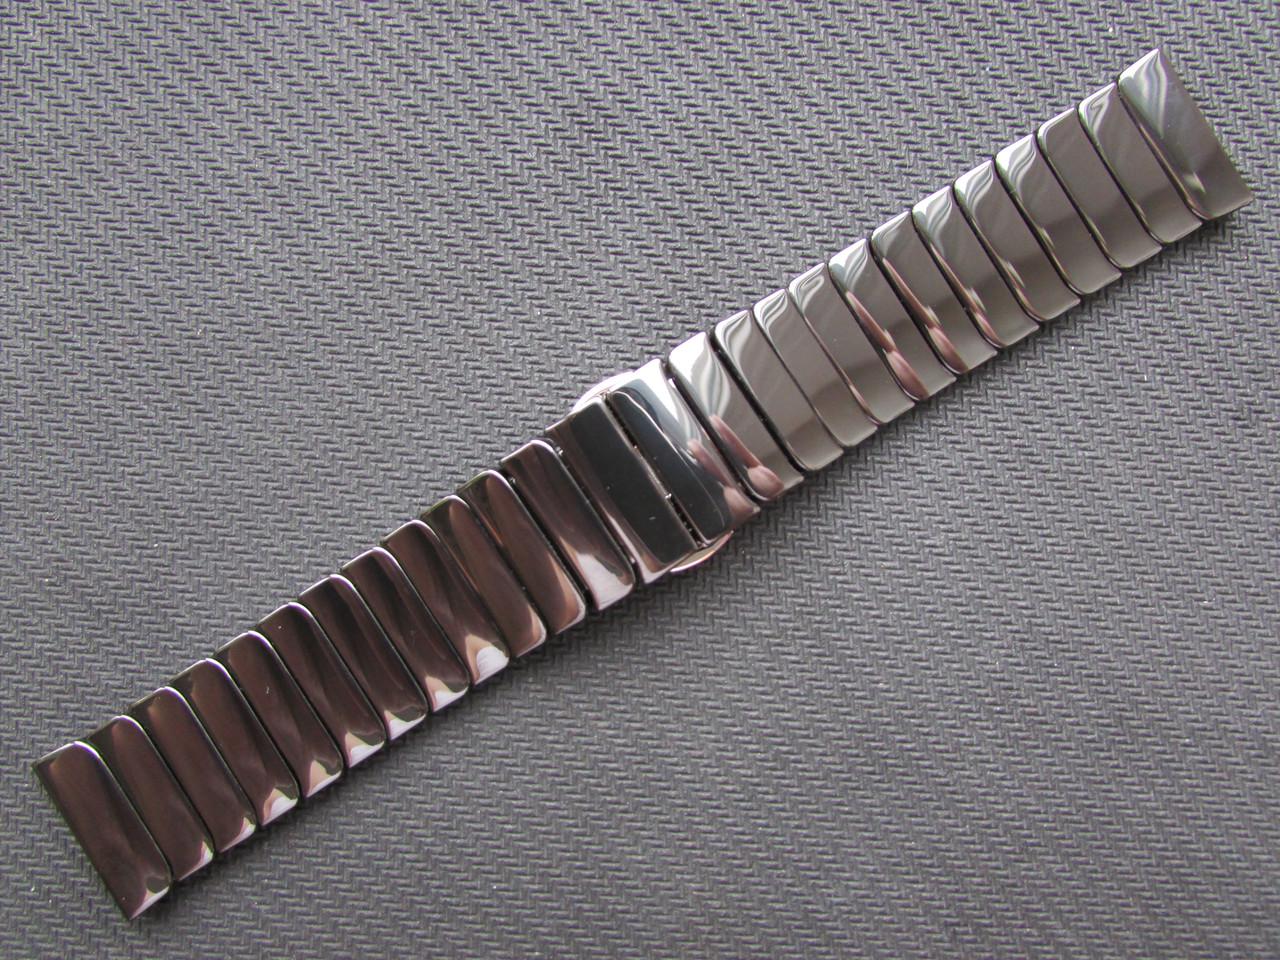 Браслет для часов керамический, глянец. Черный. 22 мм